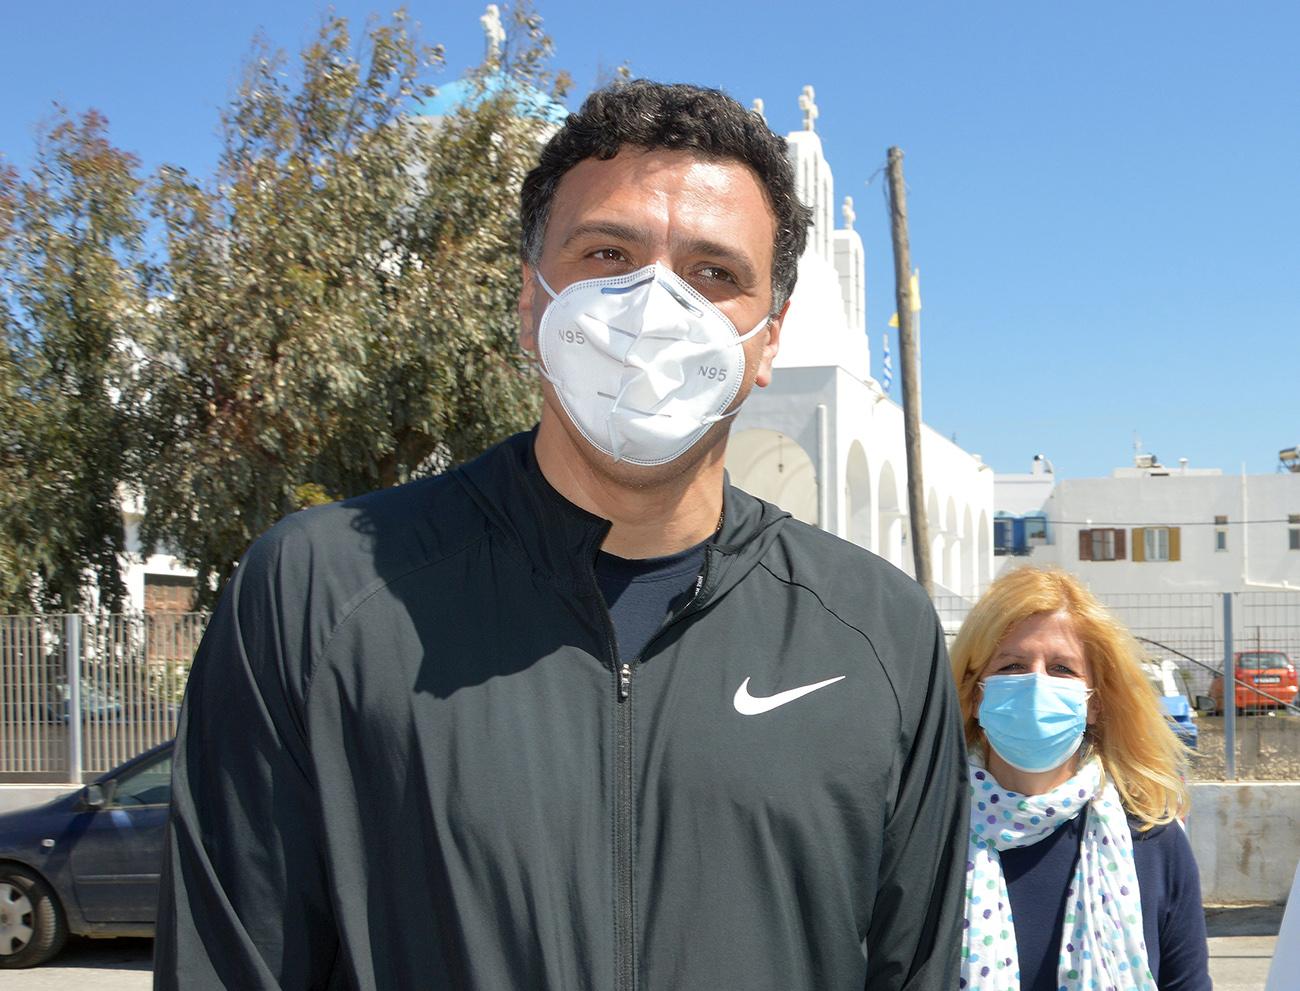 Βασίλης Κικίλιας για μάσκες: Δεν μπορώ να προβλέψω τι θα γίνει αύριο – μεθαύριο